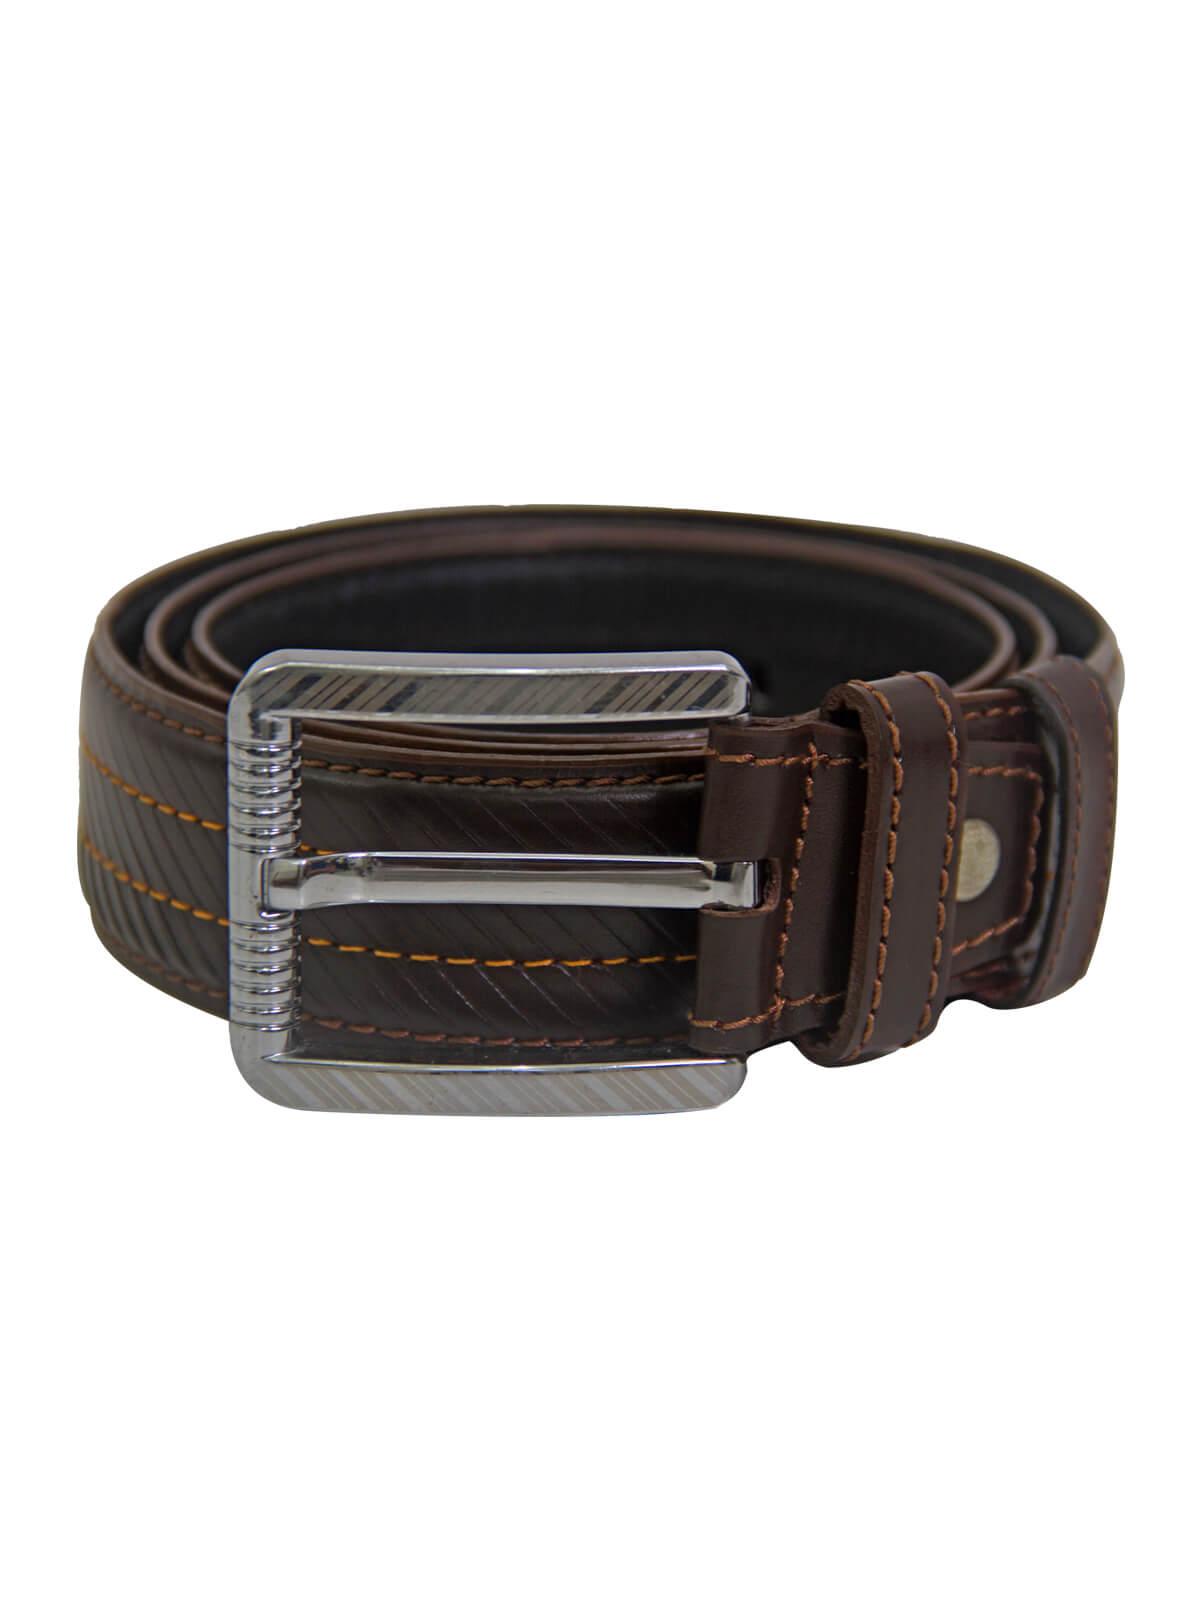 Cocoa Brown Belt